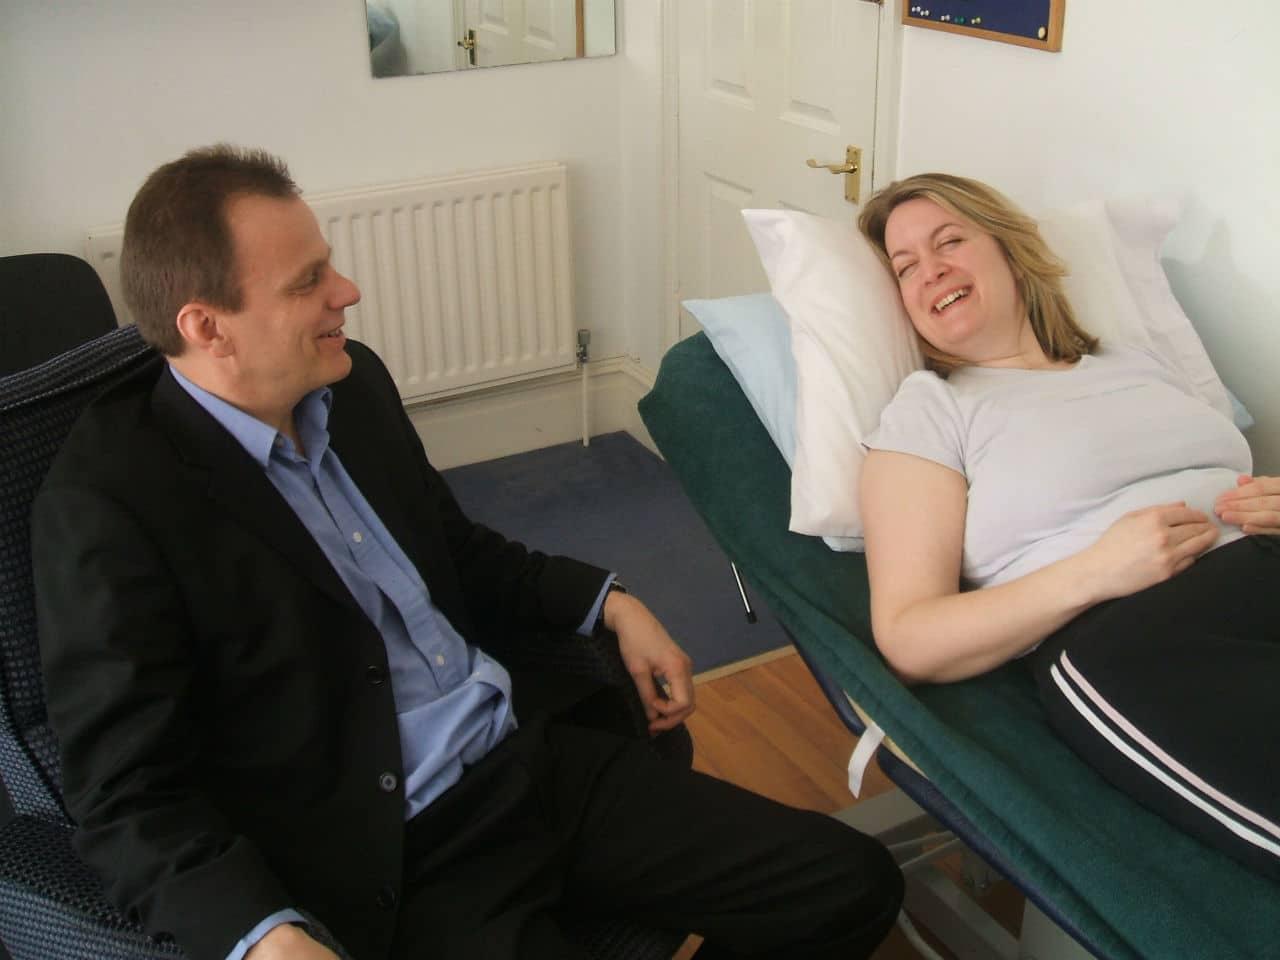 Group Hypnosis and Fat Loss the Natural Way